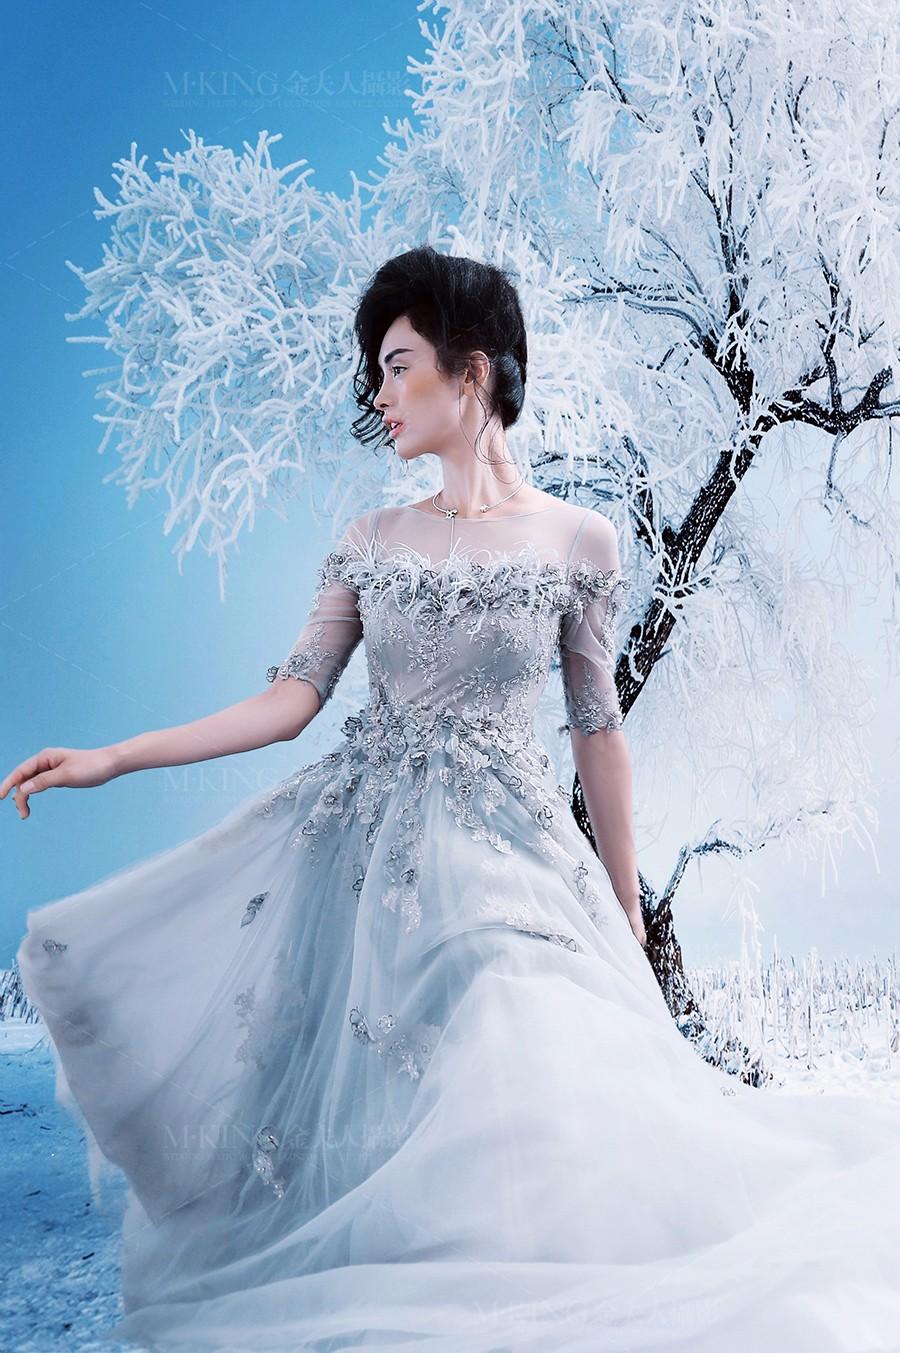 假如纷雪|假如纷雪-金夫人婚纱摄影